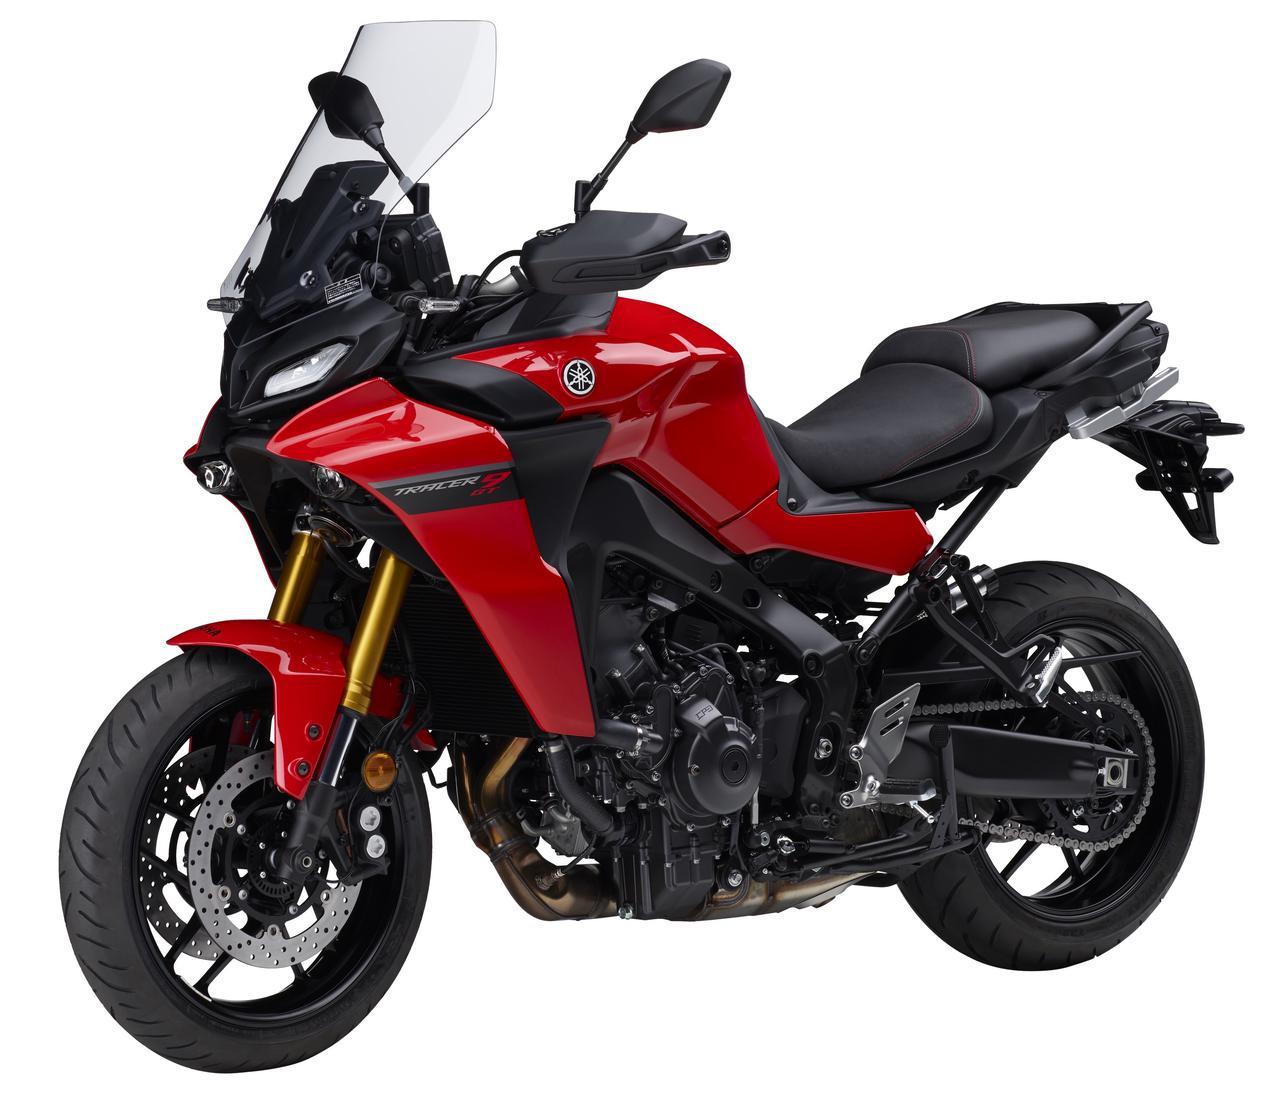 画像: ヤマハ「トレーサー9 GT」国内モデル情報 - webオートバイ